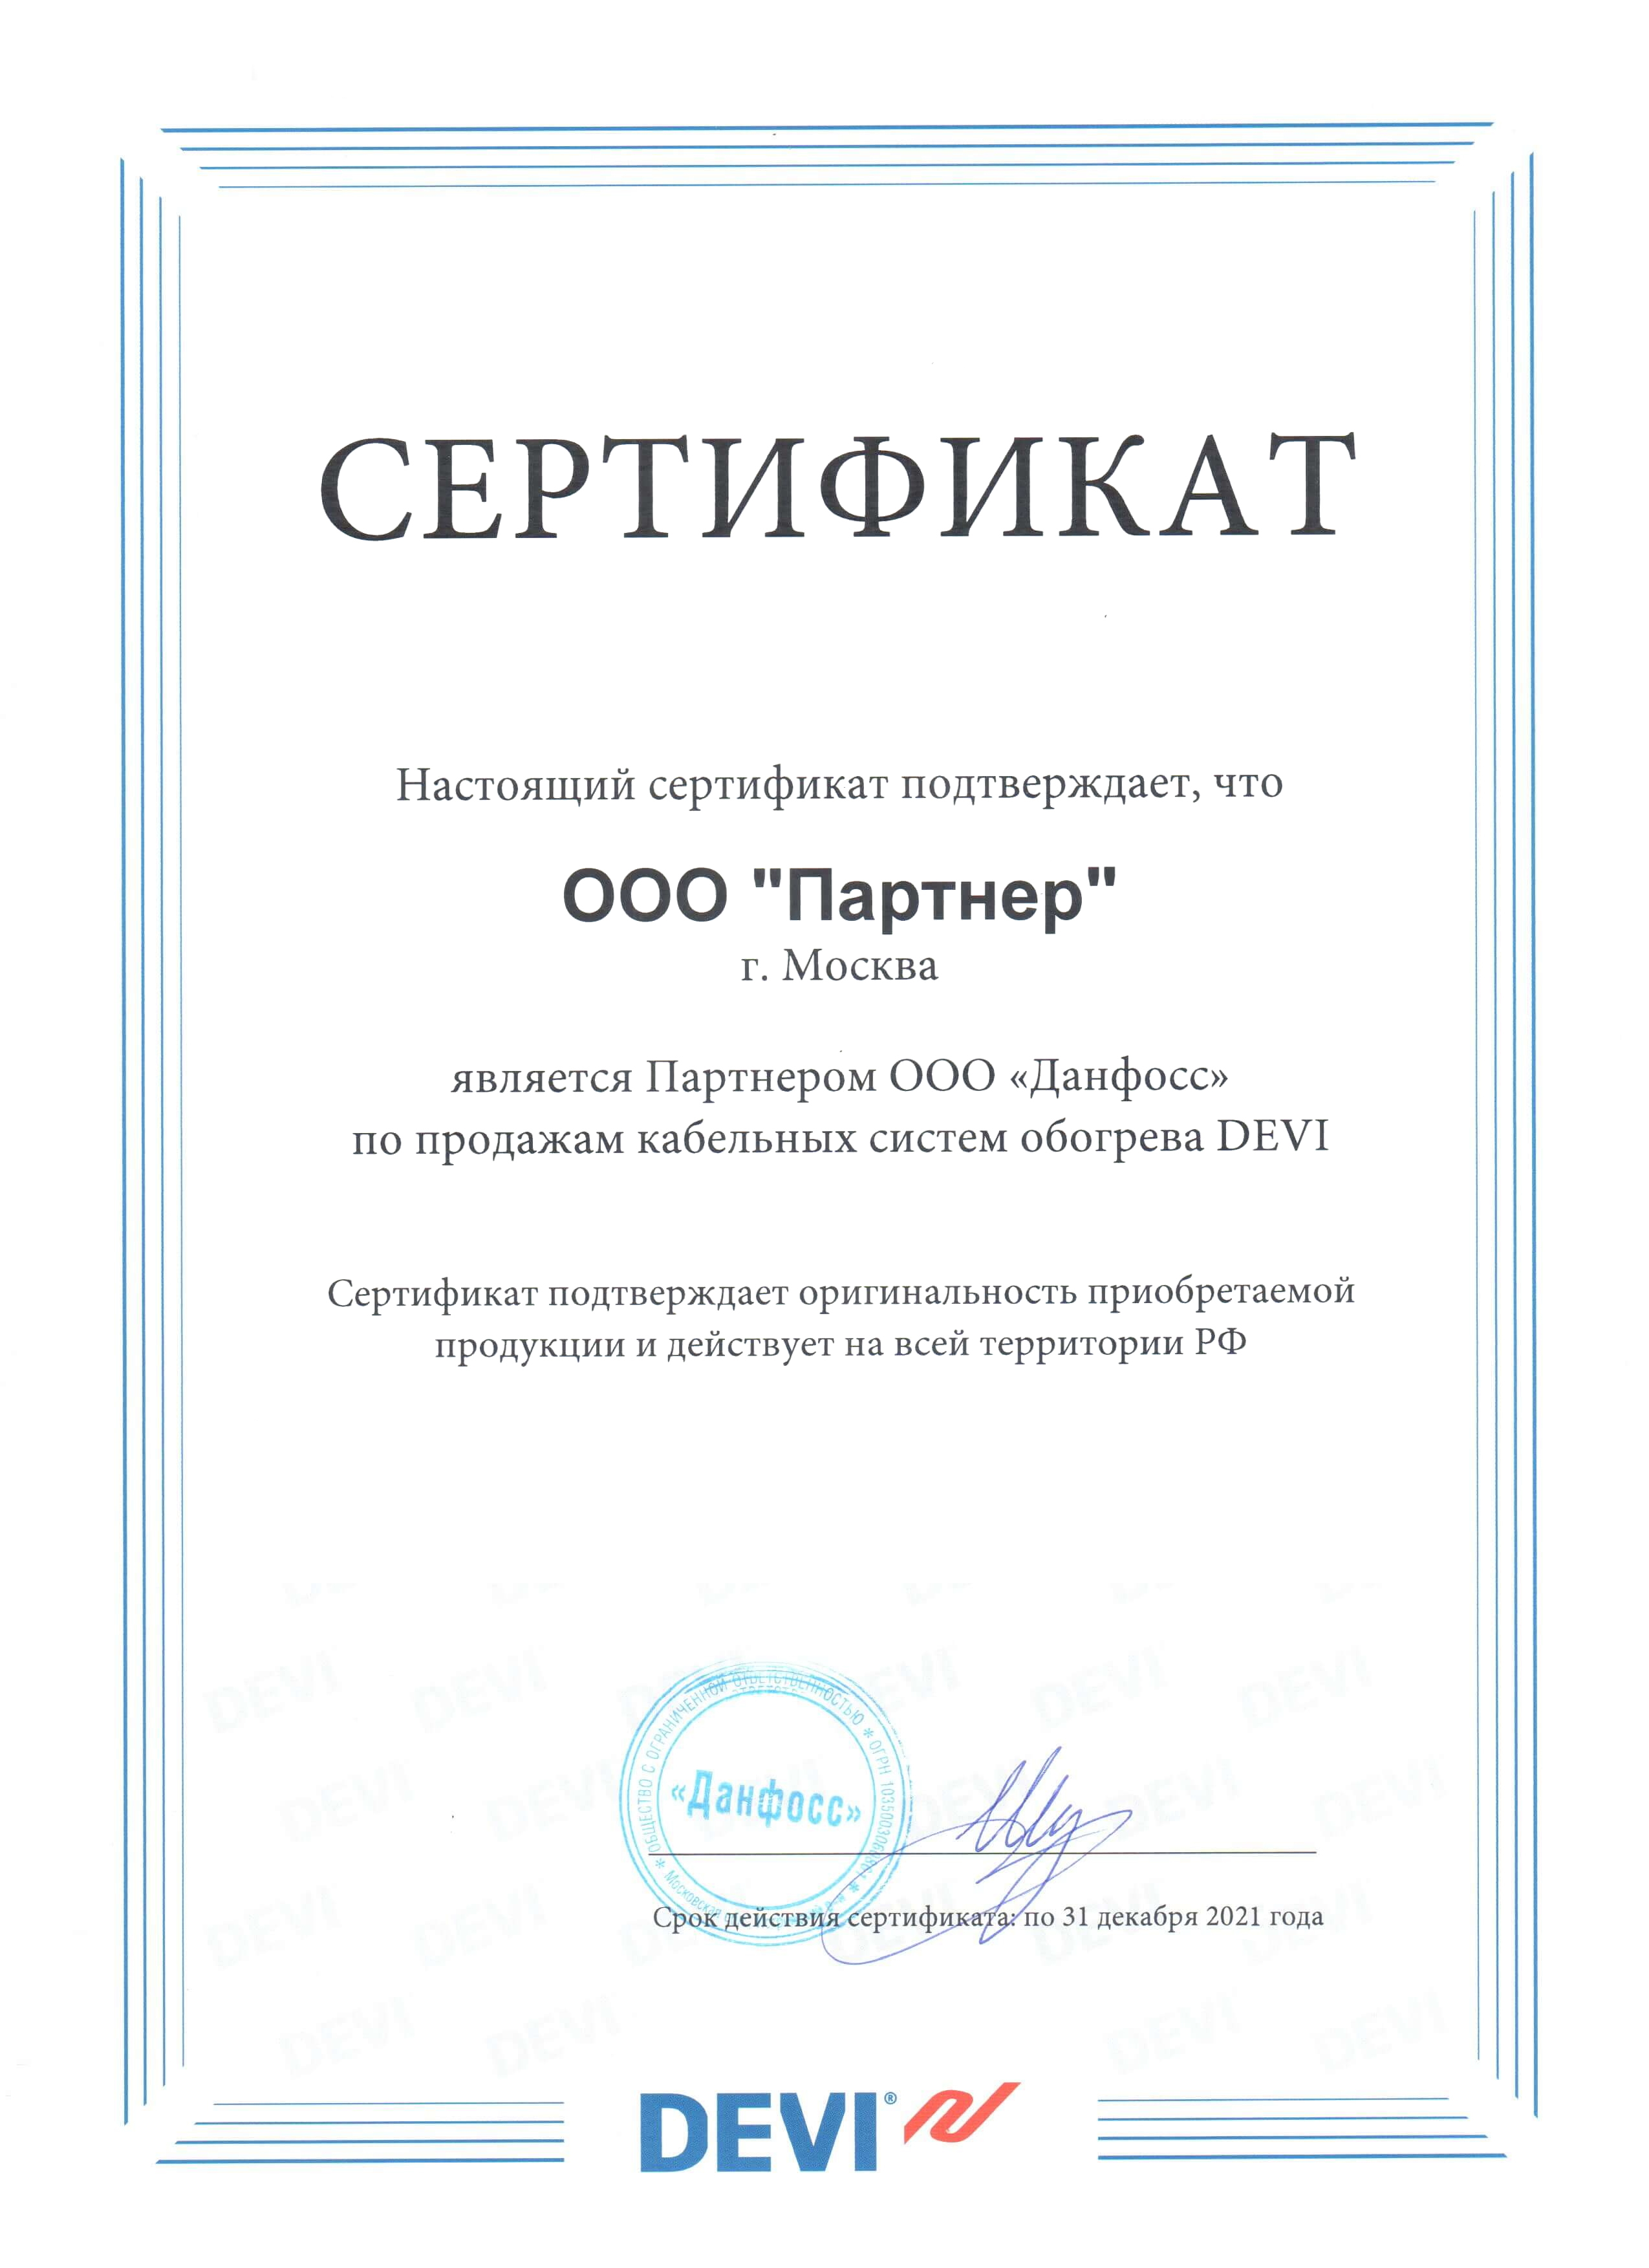 Сертификат соответствия торговых марок Danfoss, DEVI